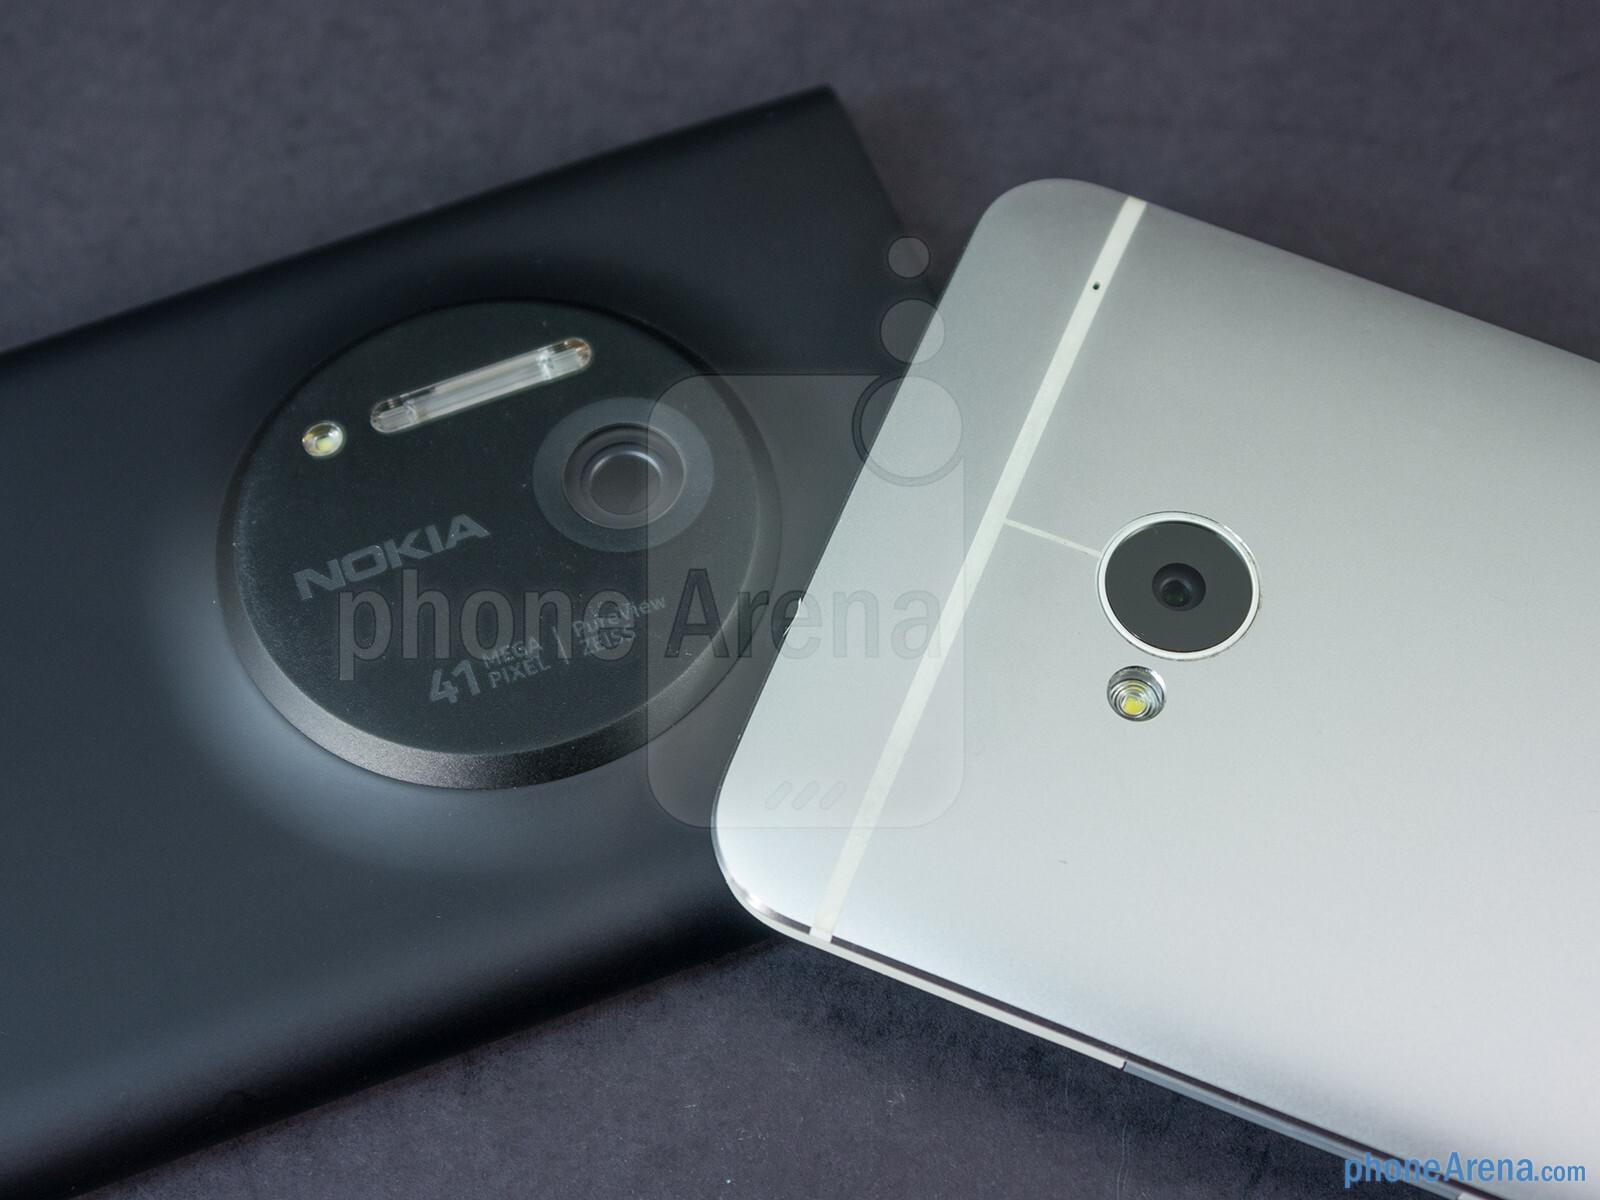 Nokia Lumia 1020 vs HTC One